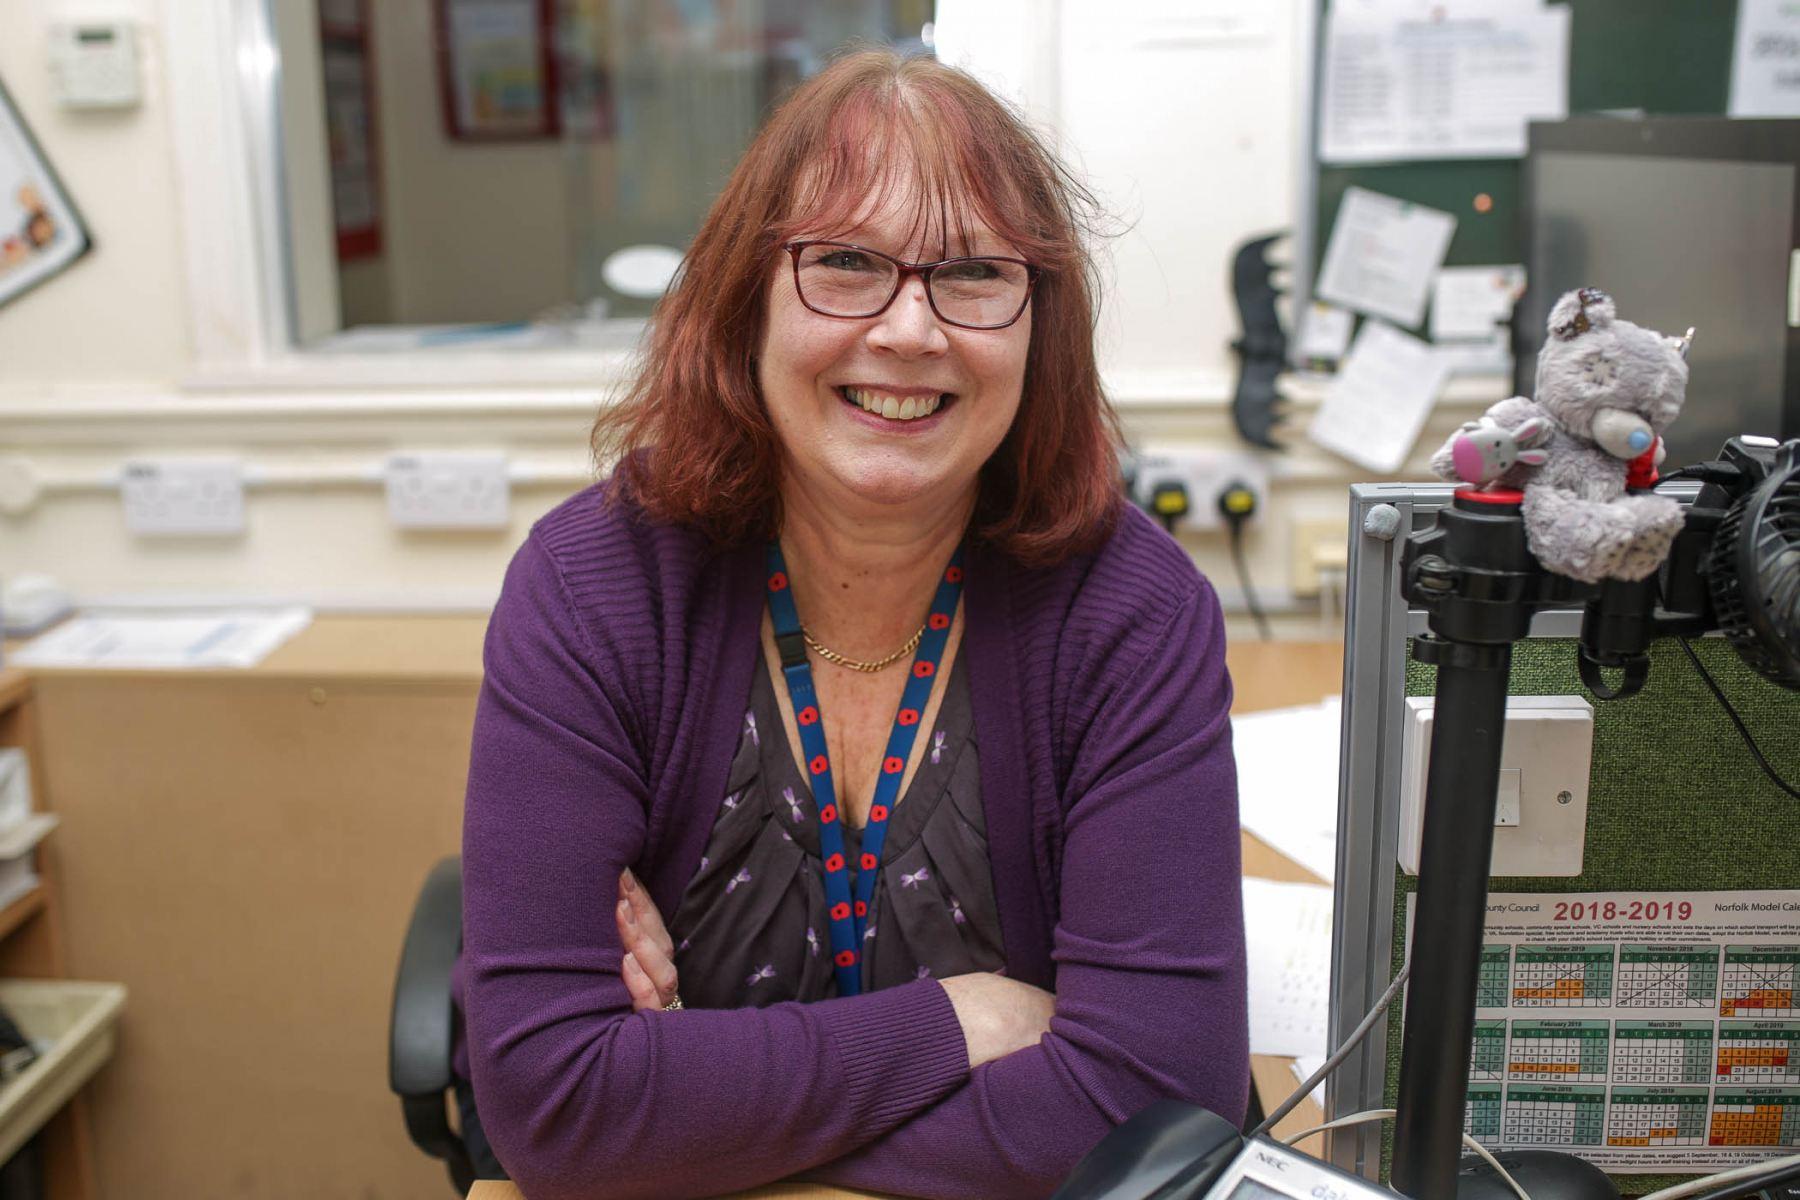 Annie Cooper, Administrator, Fakenham Junior School